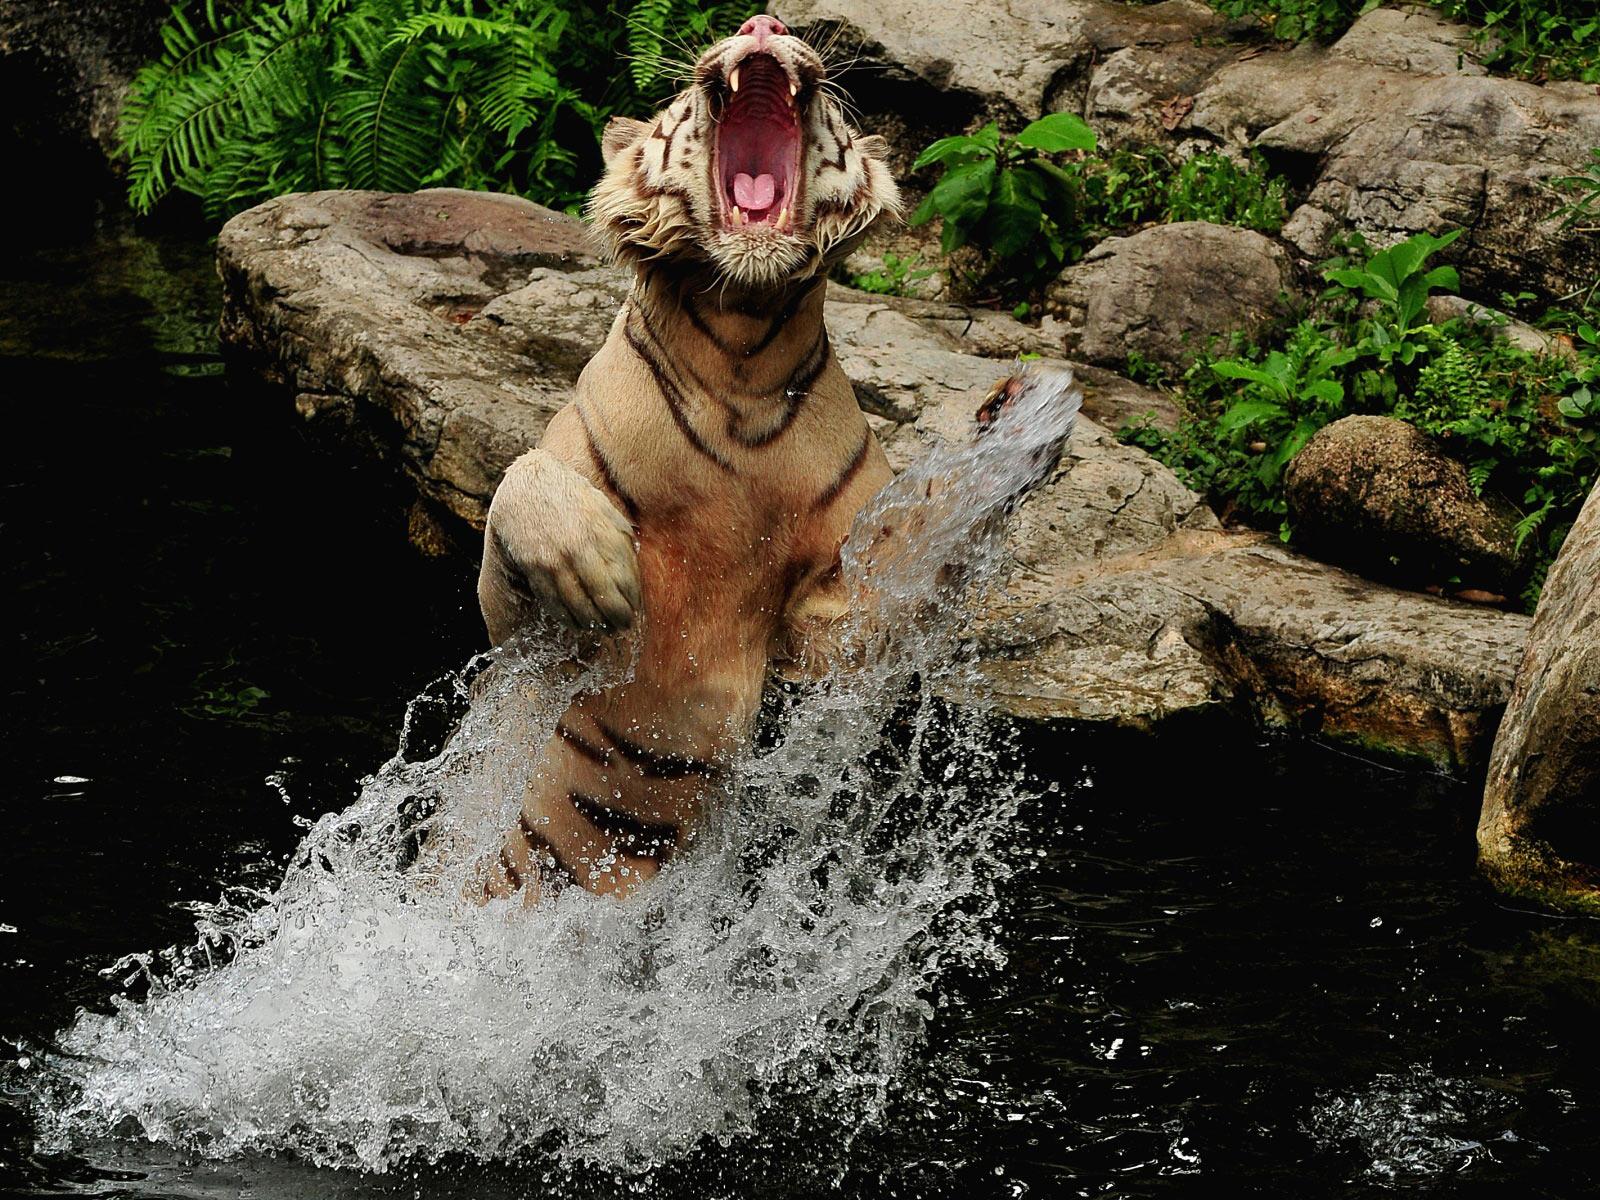 ANIMALS PLANET: Wild animals photo